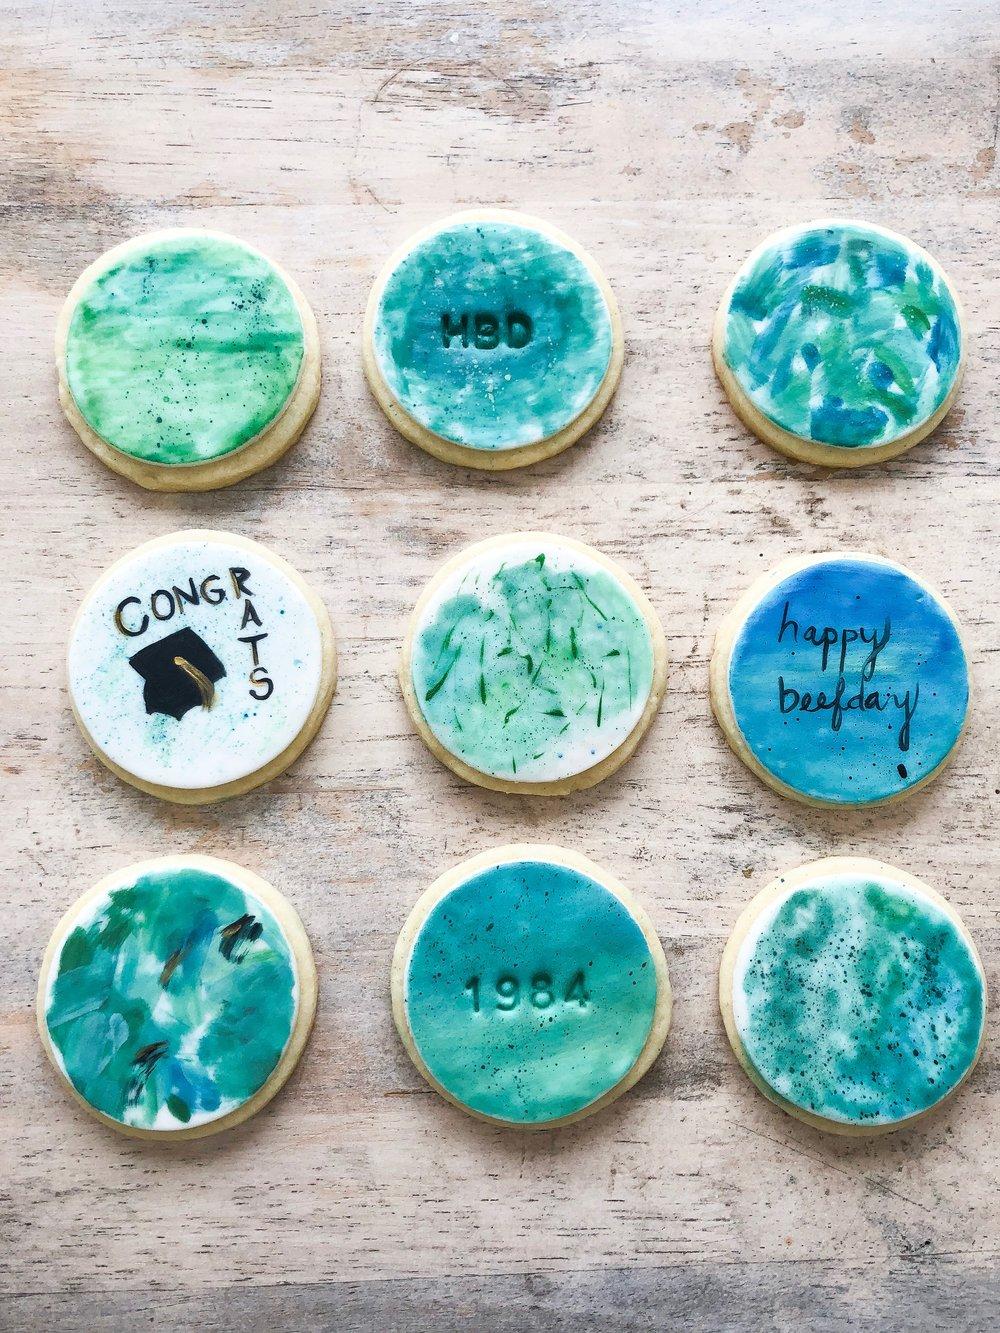 grad:hbd cookies - IMG_1894.JPG